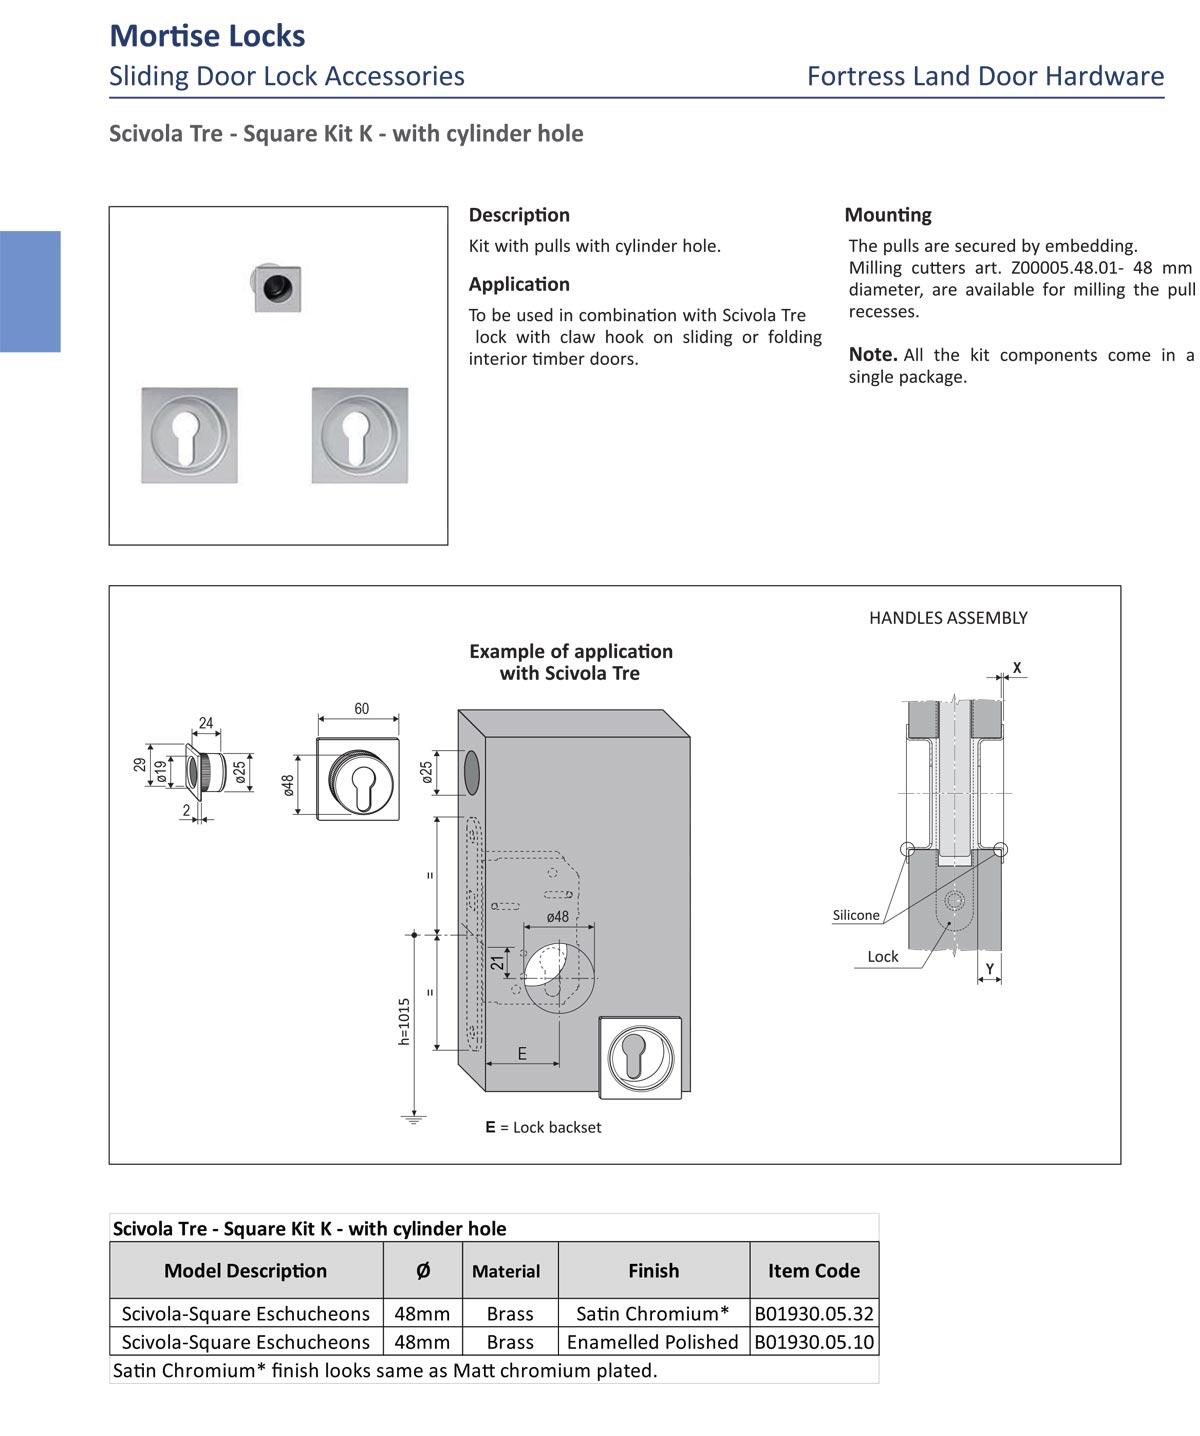 sliding door accessories, flush door handle, flush handle, flush slidng door handle, sliding door pull, sliding door finger pull, Fortress Land Security Company